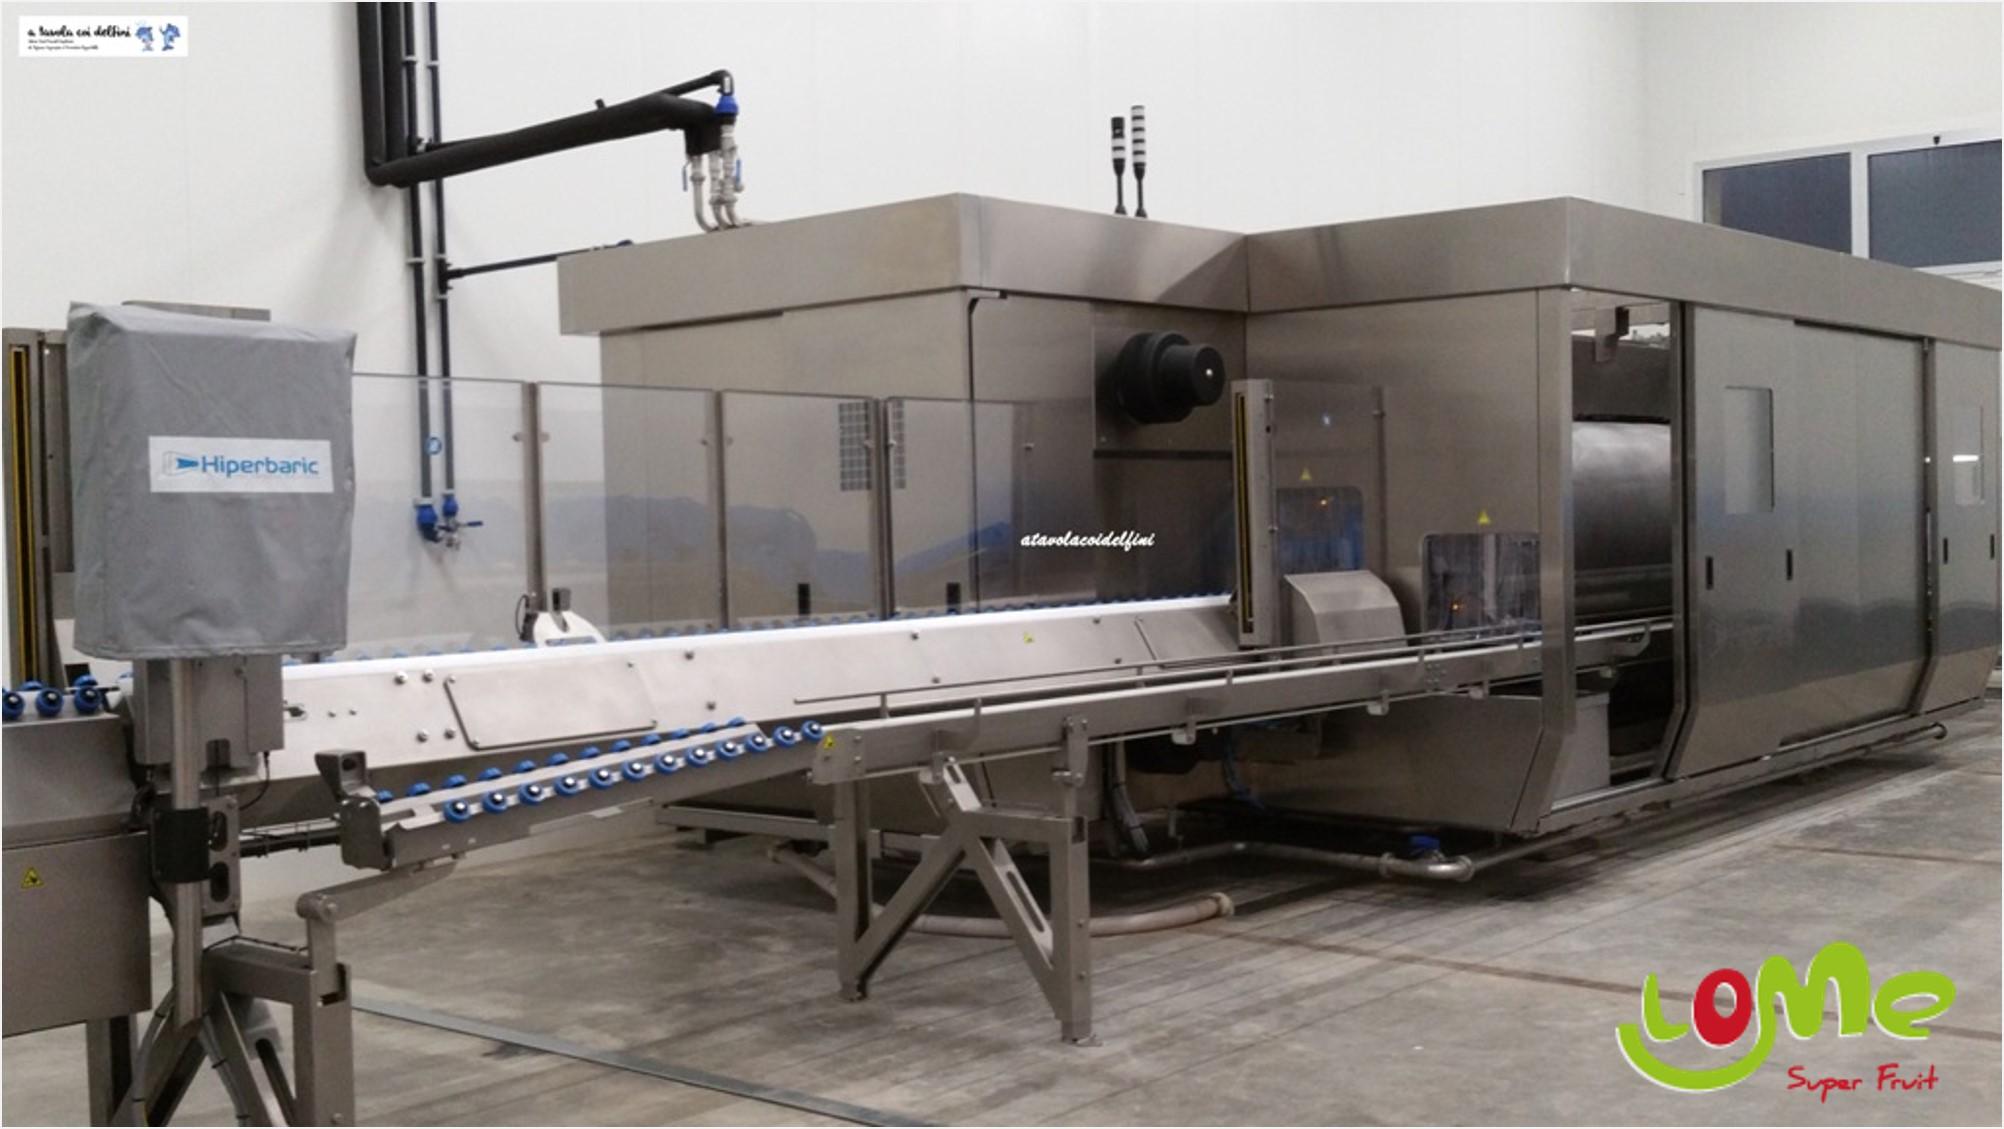 Hiperbaric 420 en las nuevas instalaciones de Masseria Fruttirossi en Castellaneta. Fuente: http://www.atavolacoidelfini.com